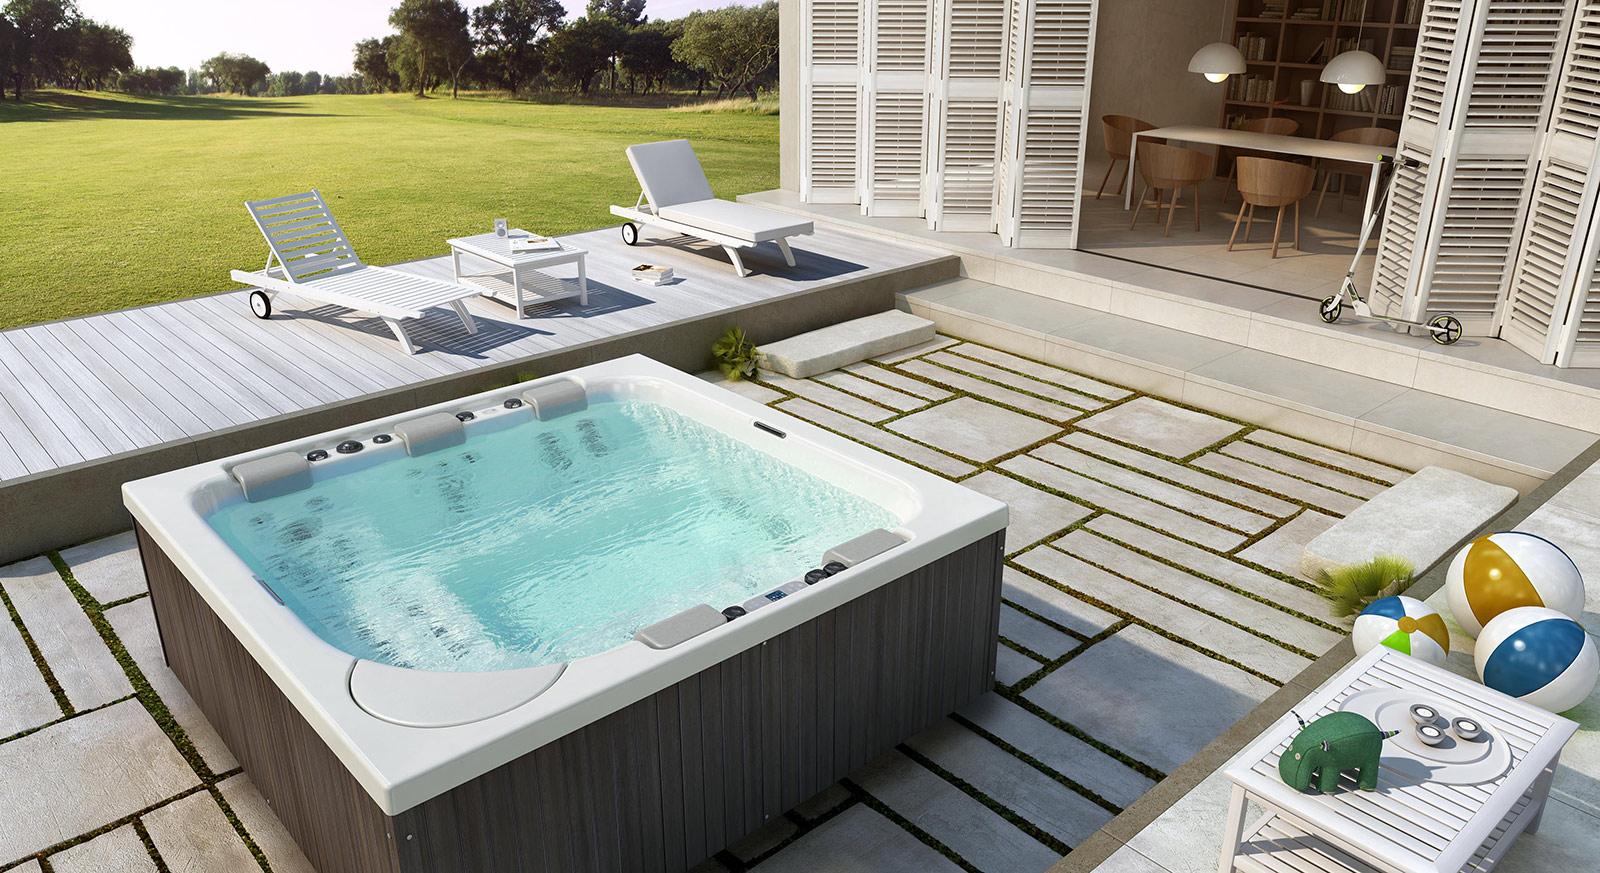 Giardini e terrazze arredate con stile impeccabile for Giardini da esterno